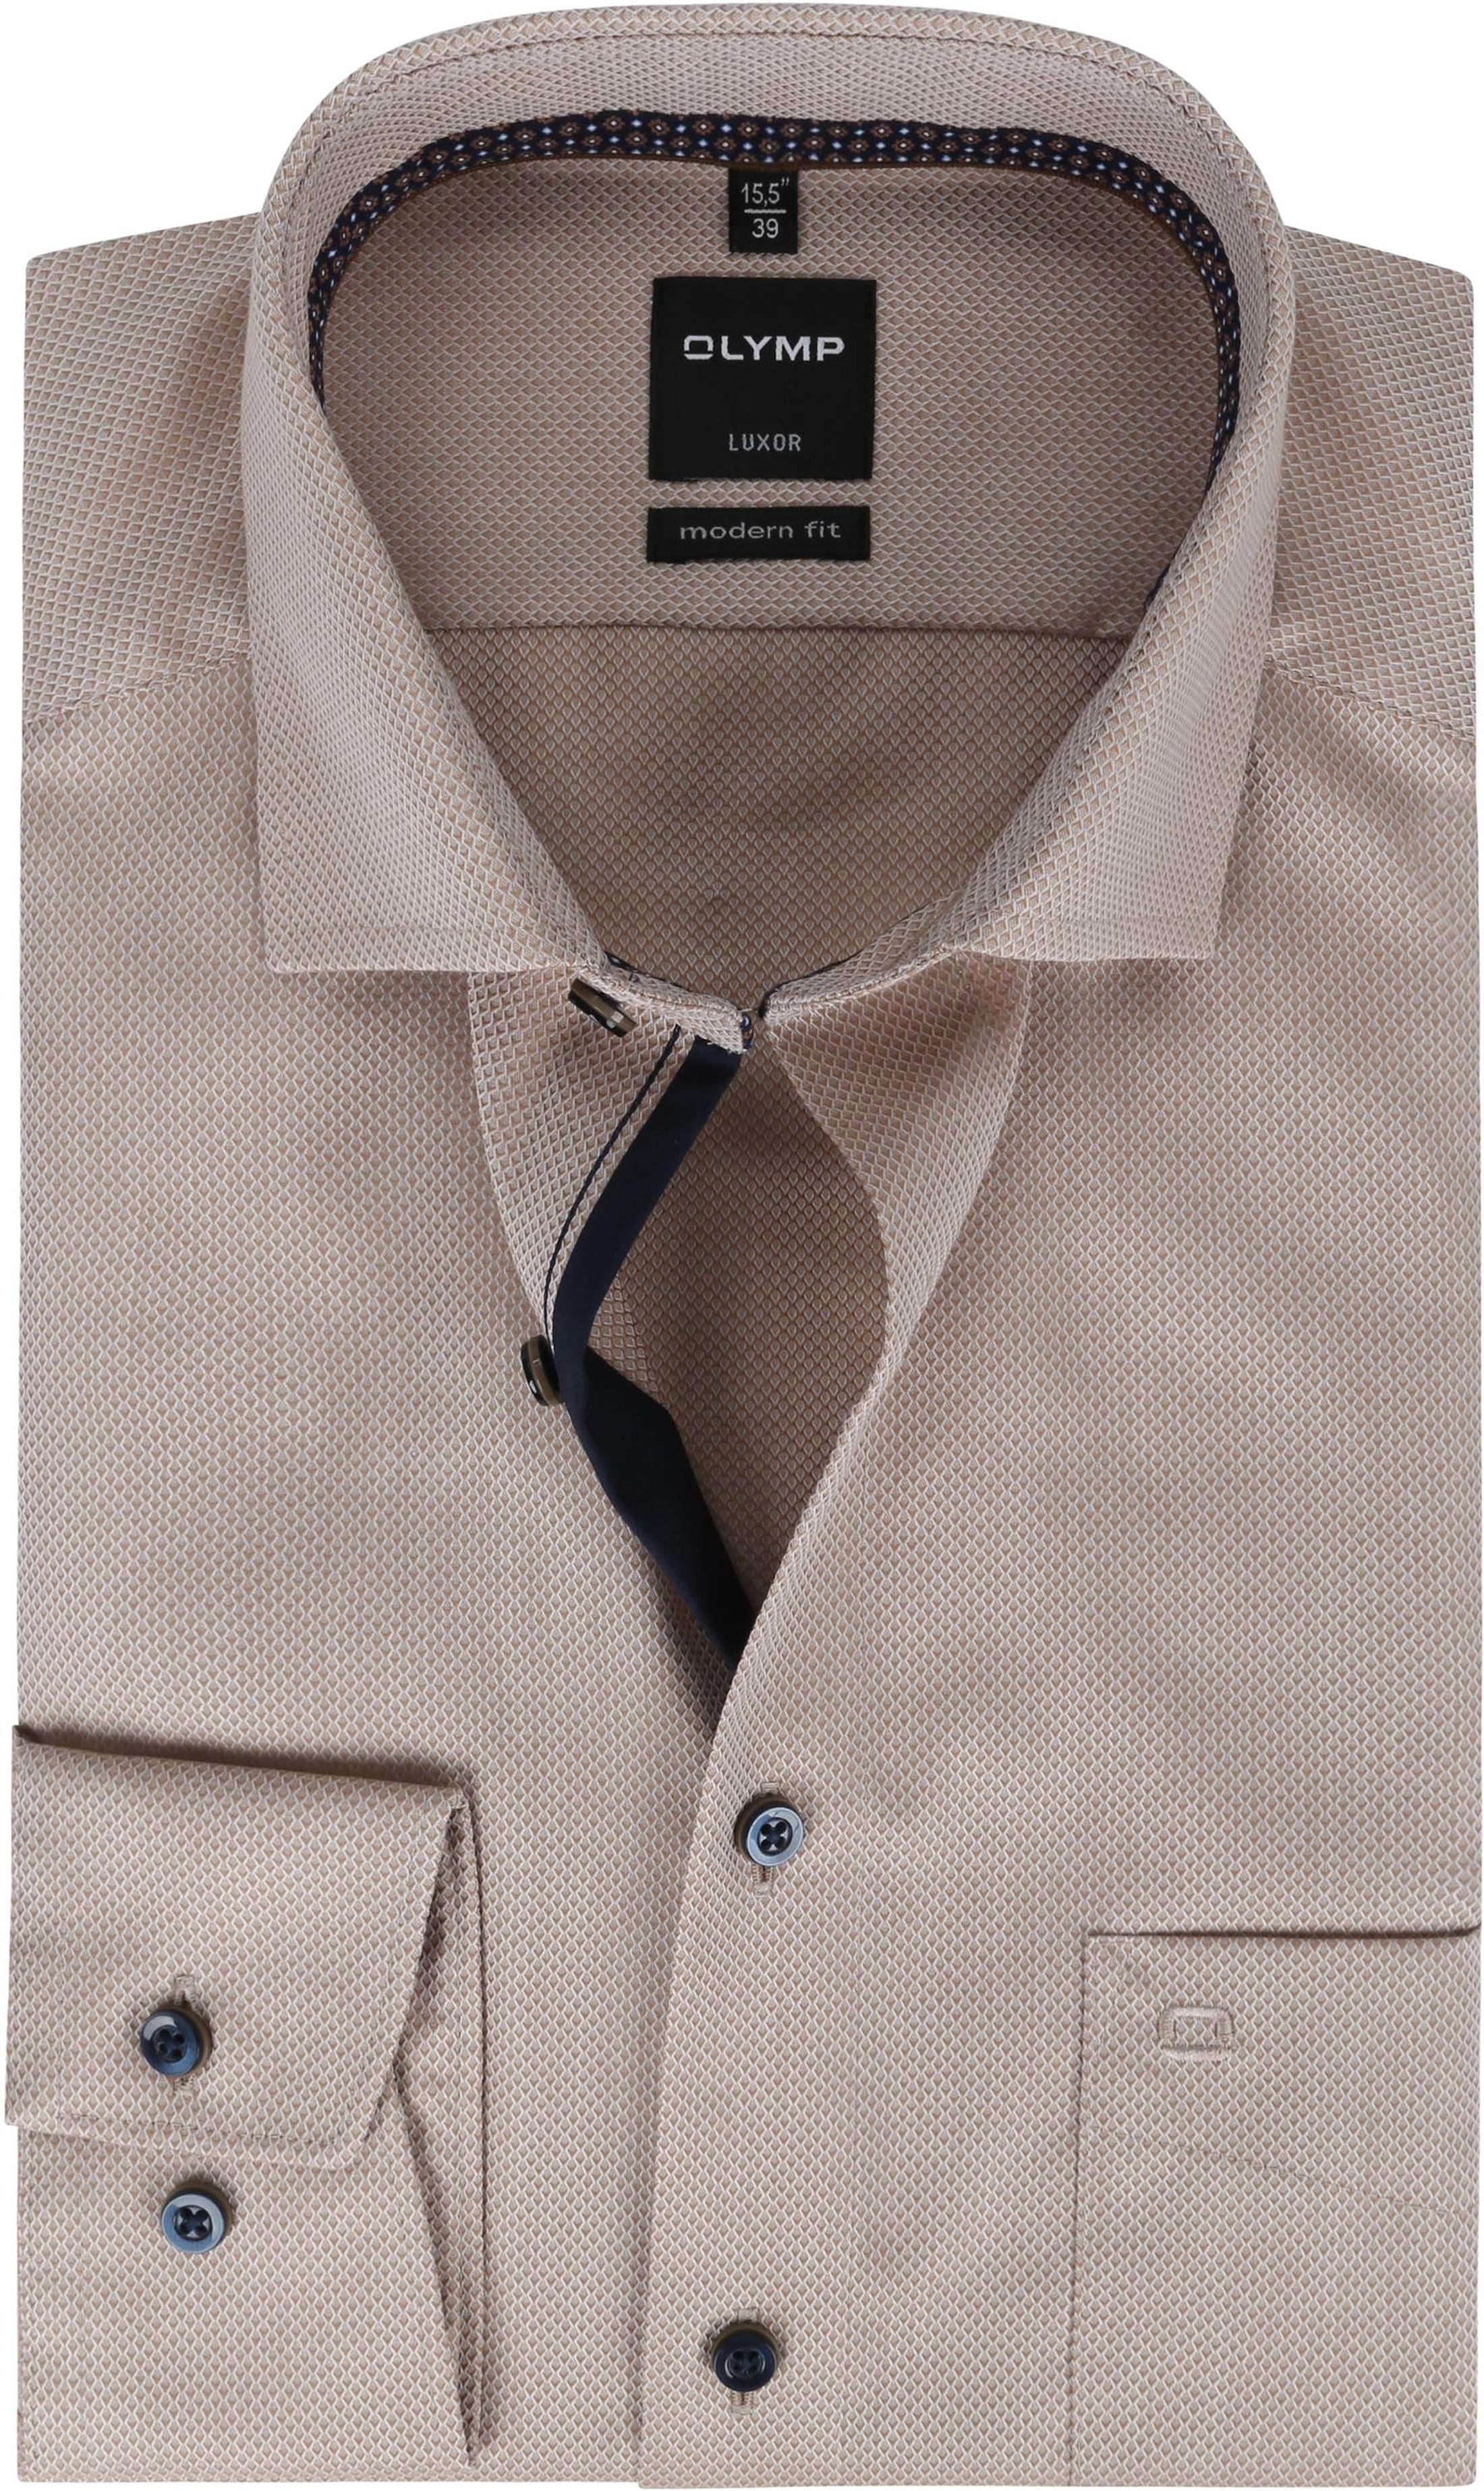 OLYMP Overhemd Luxor MF Pattern Bruin